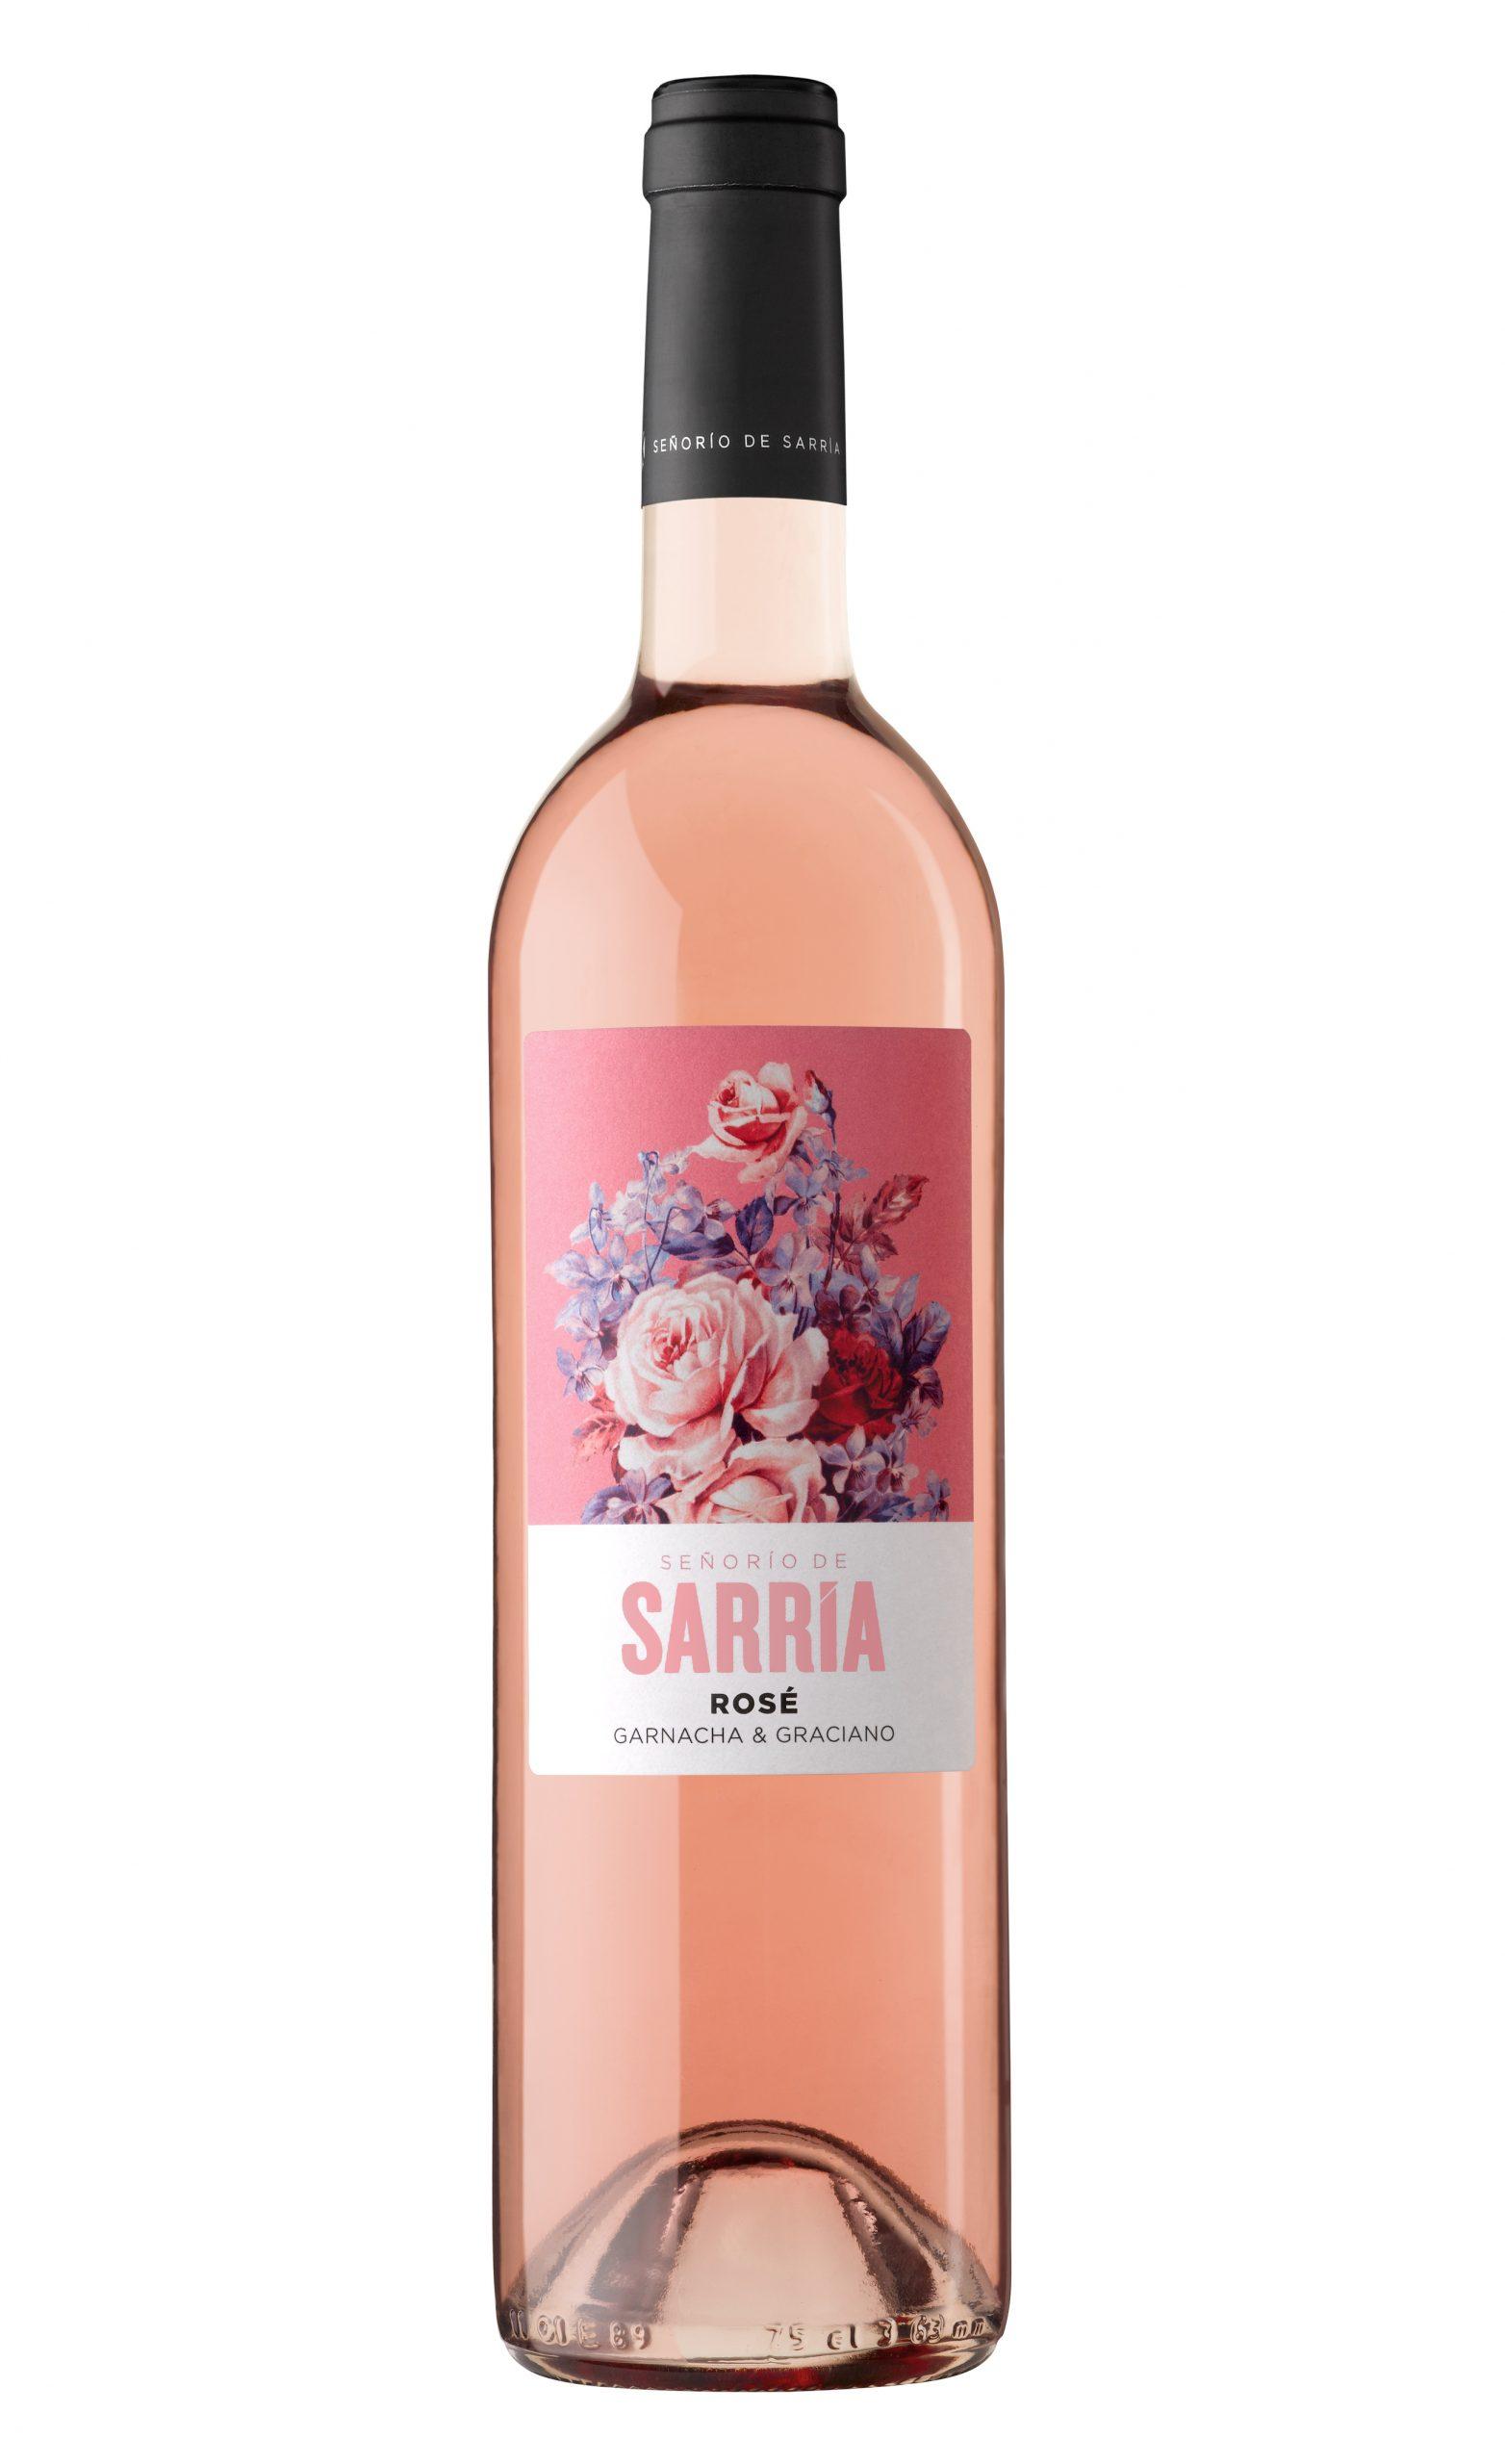 Medalla de Oro para Señorío de Sarría Rosé 2020 en el Berliner Wein Trophy